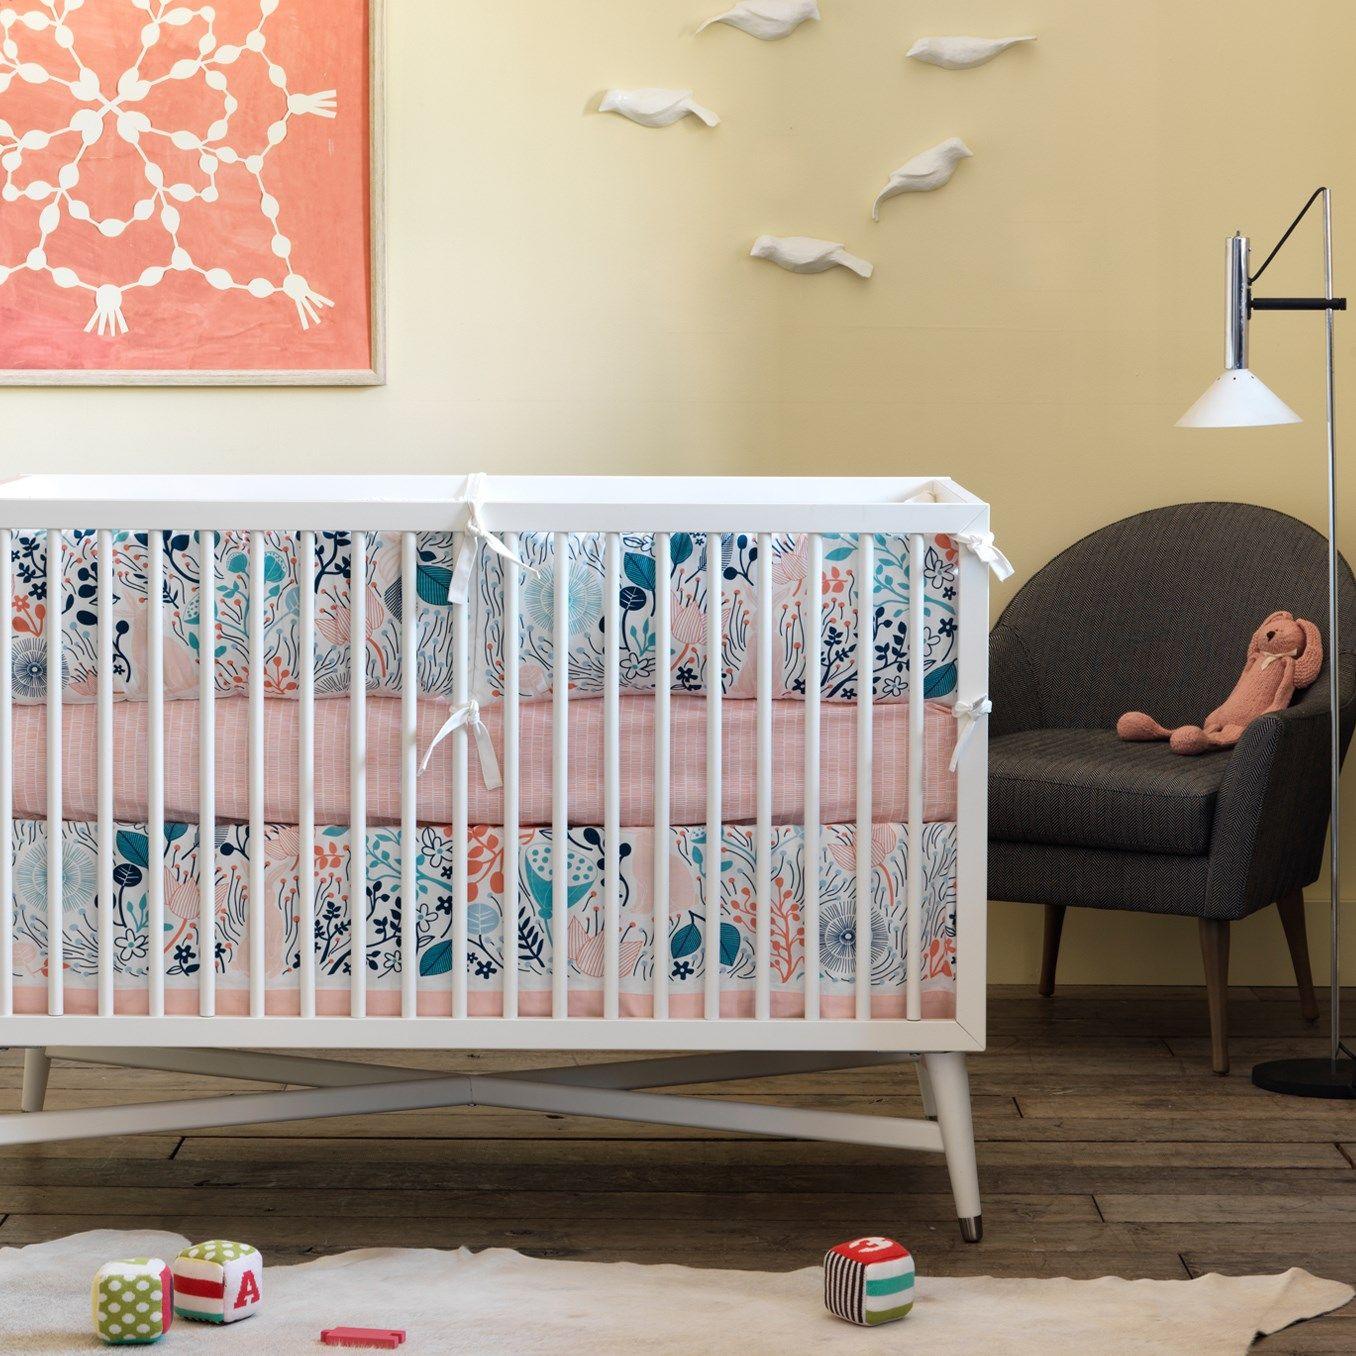 dwellstudio crib skirt canvas meadow powder blue  nursery ideas  - dwellstudio crib skirt canvas meadow powder blue